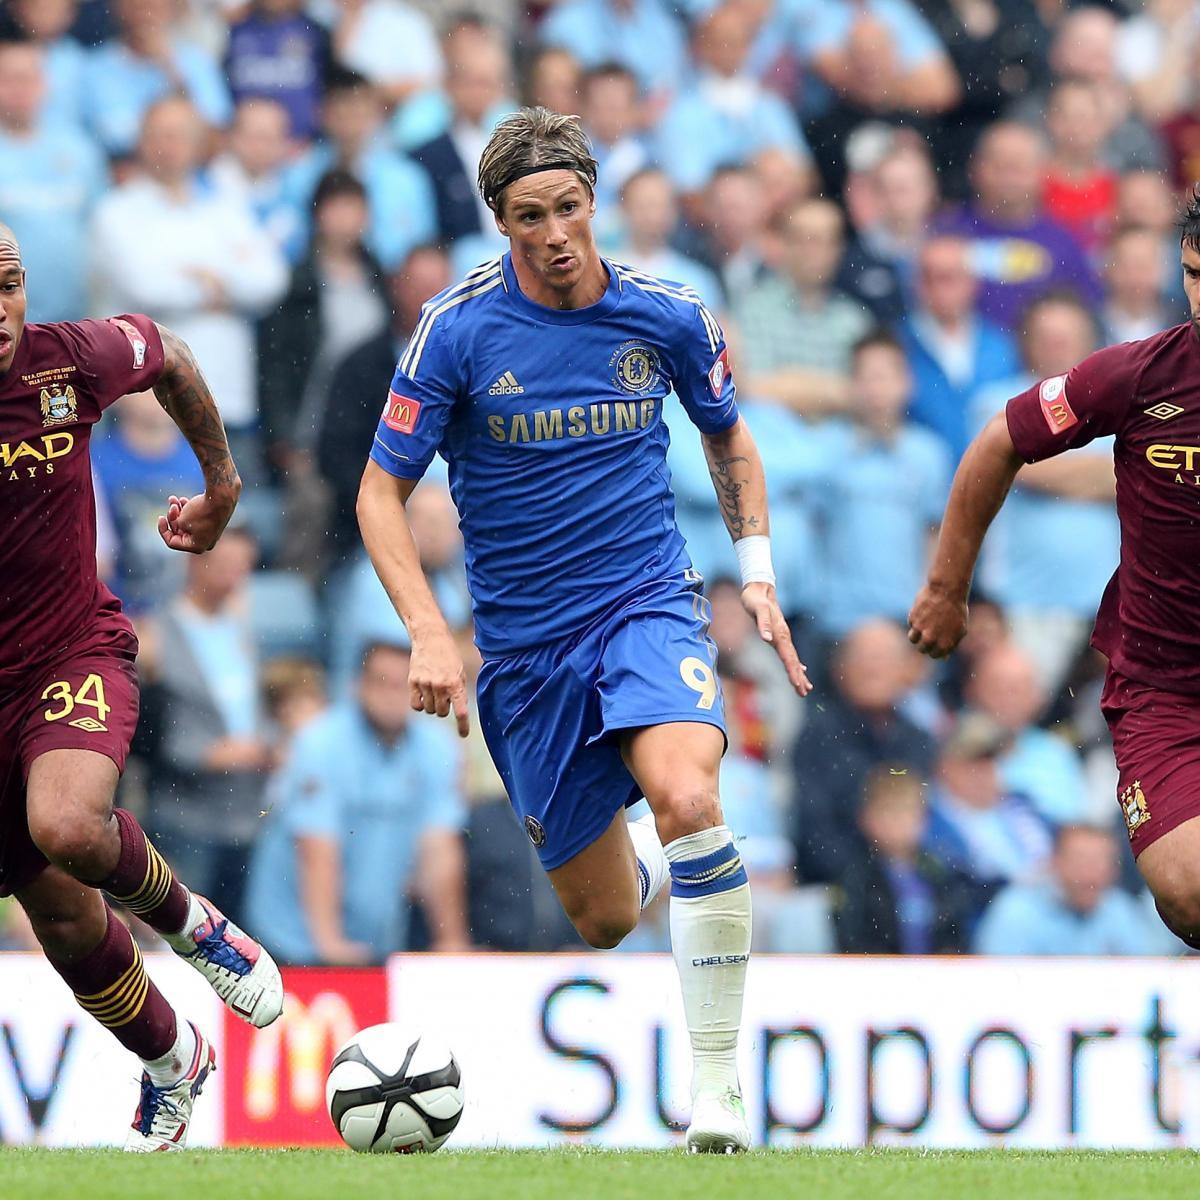 f3dbe20c78dab6 English Premier League  Club-by-Club Guide to the 2012-13 Season ...